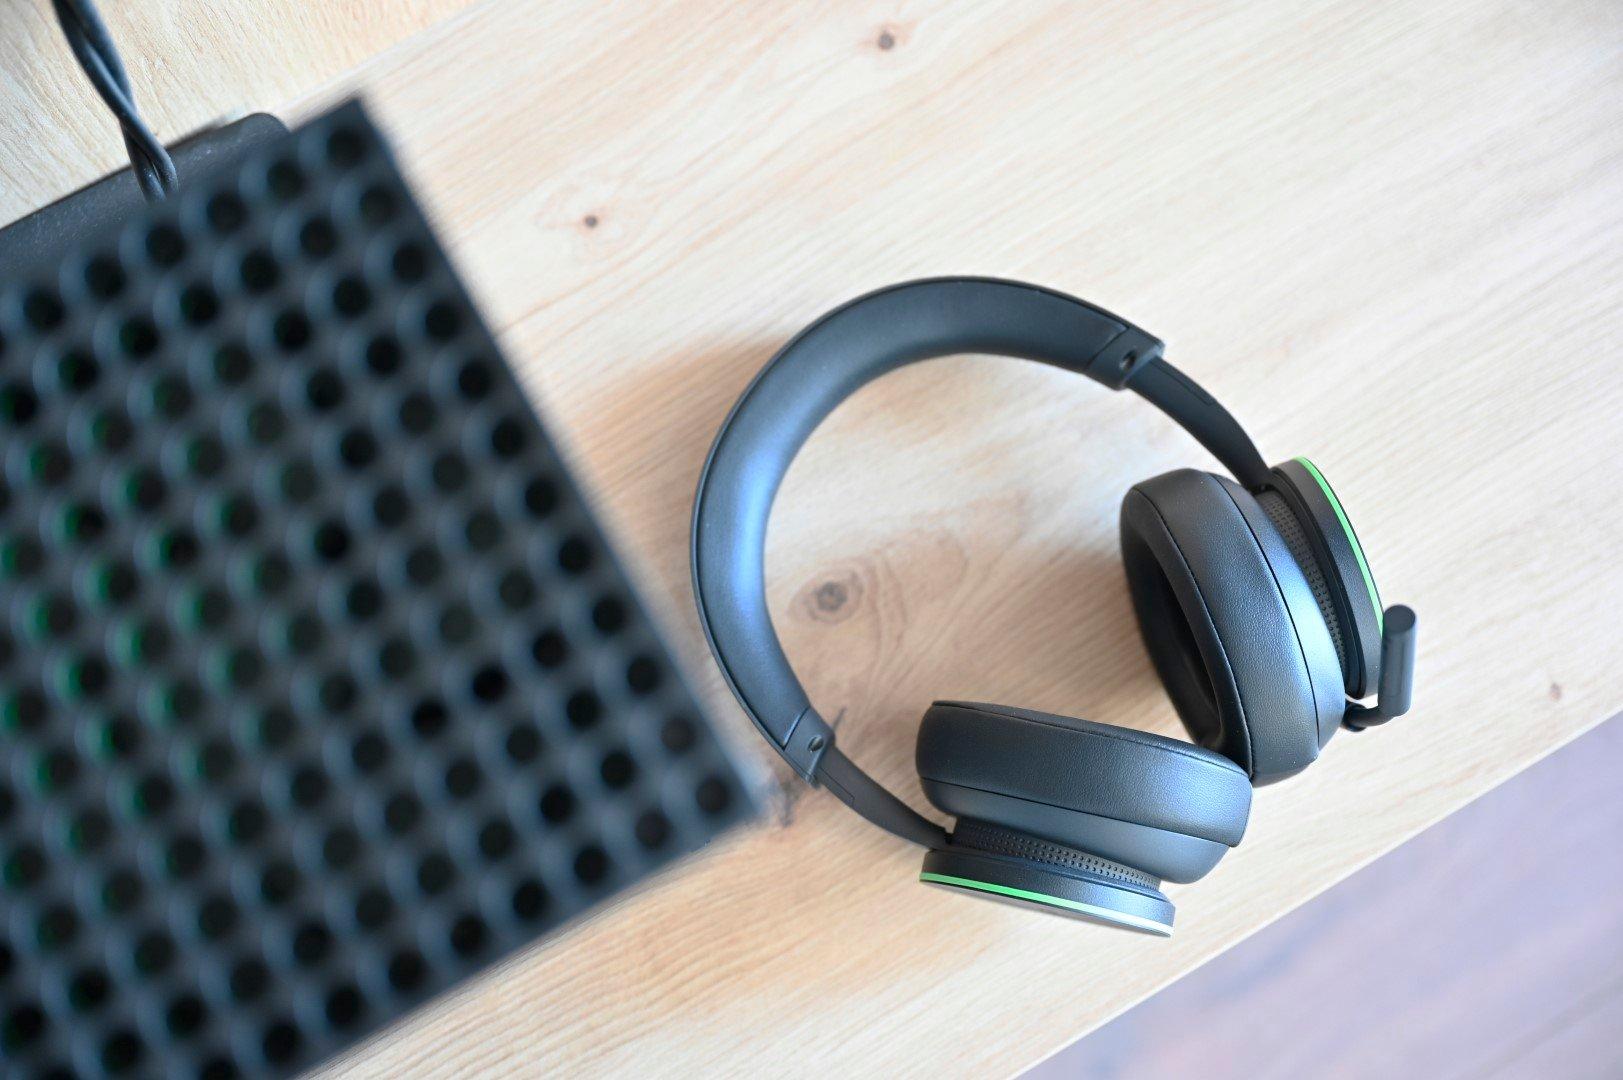 Xbox Wireless Headset z konsolą Xbox Series X